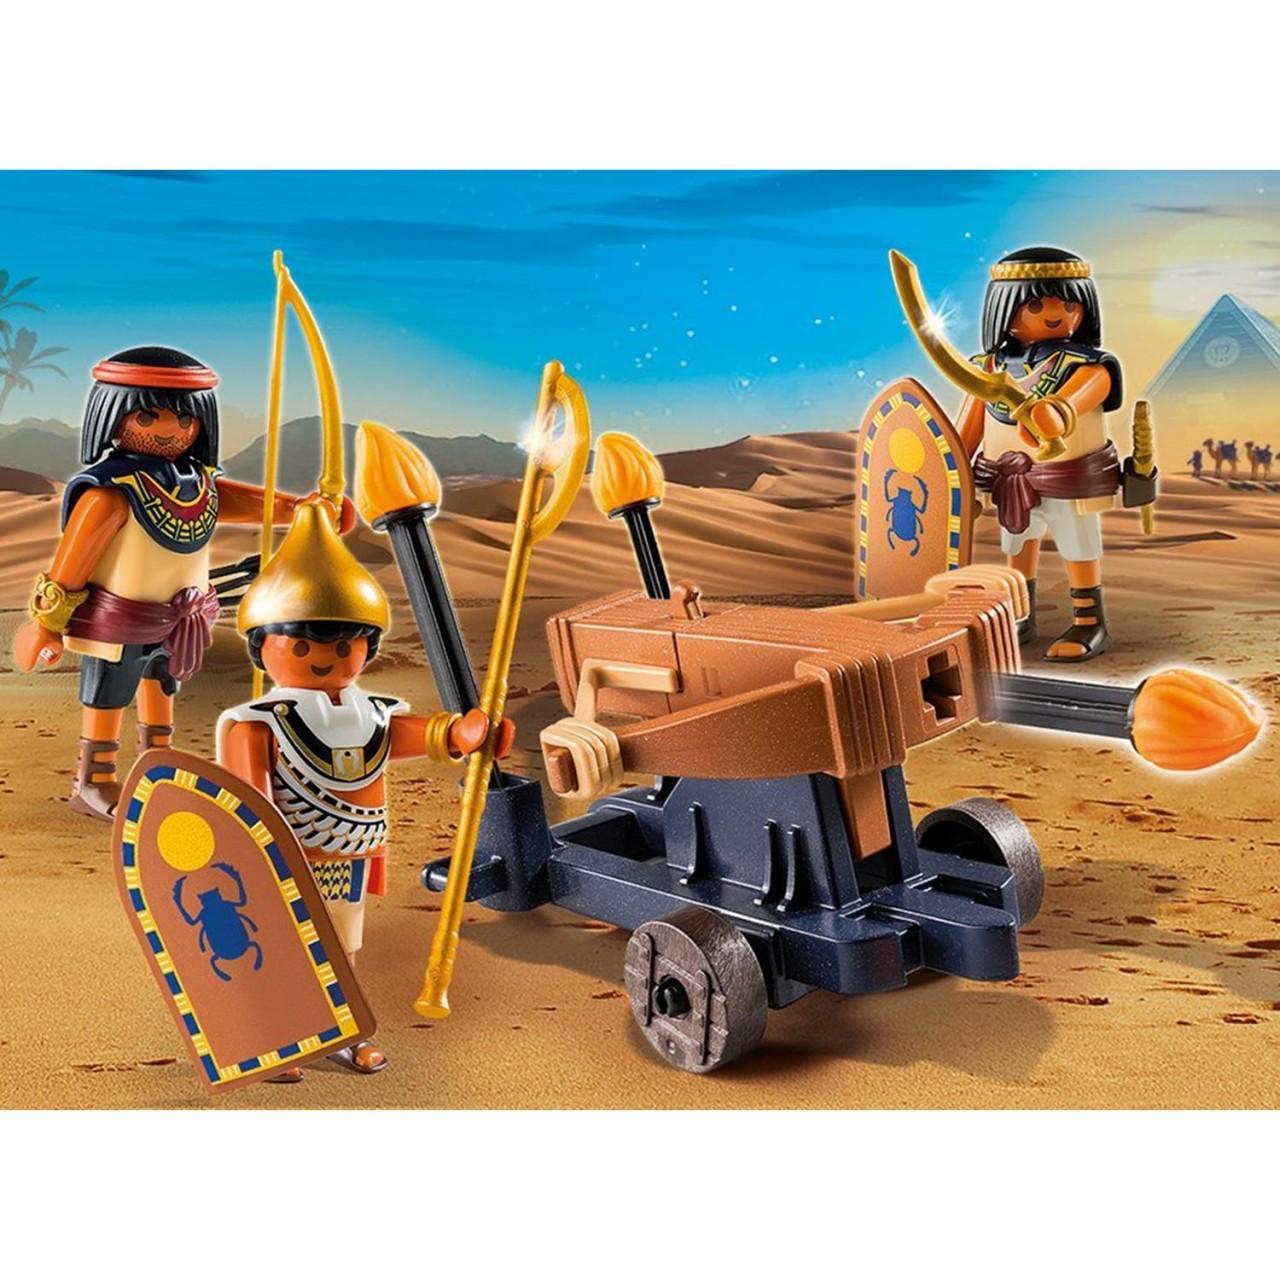 Playmobil 5388 Ägypter mit Feuerballiste